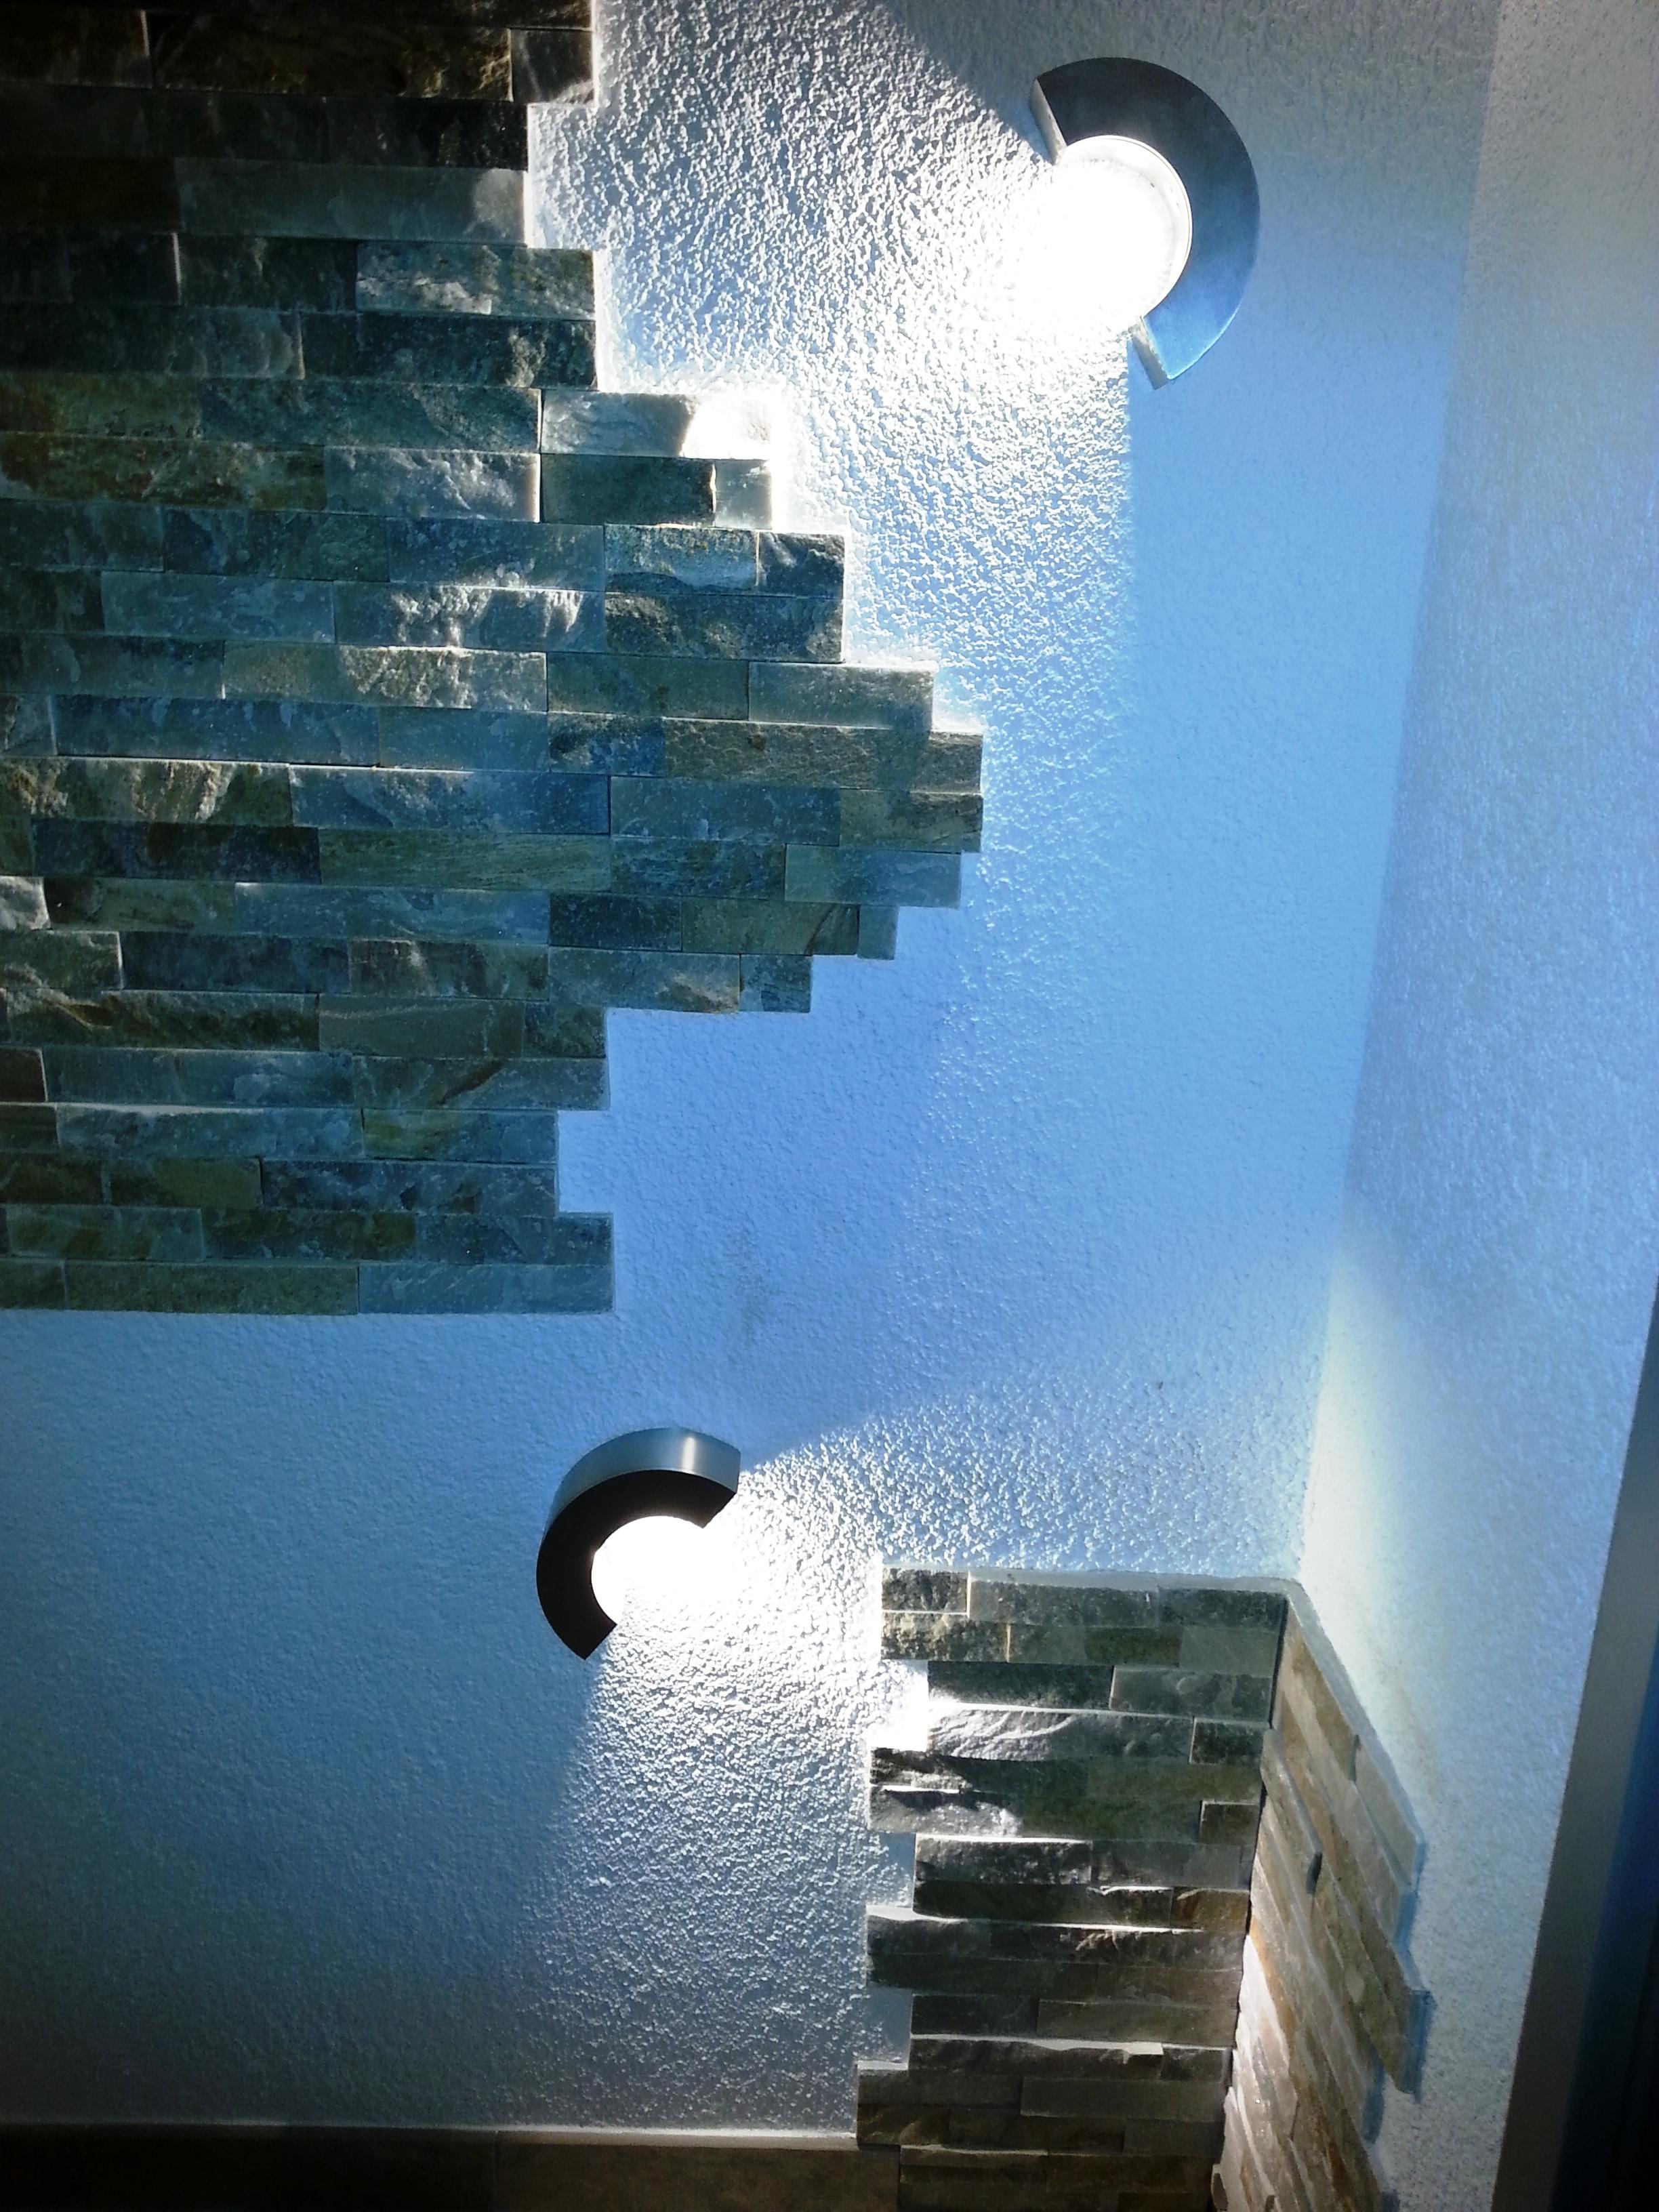 elektrizit t stromanbieter in bad karlshafen infobel deutschland. Black Bedroom Furniture Sets. Home Design Ideas